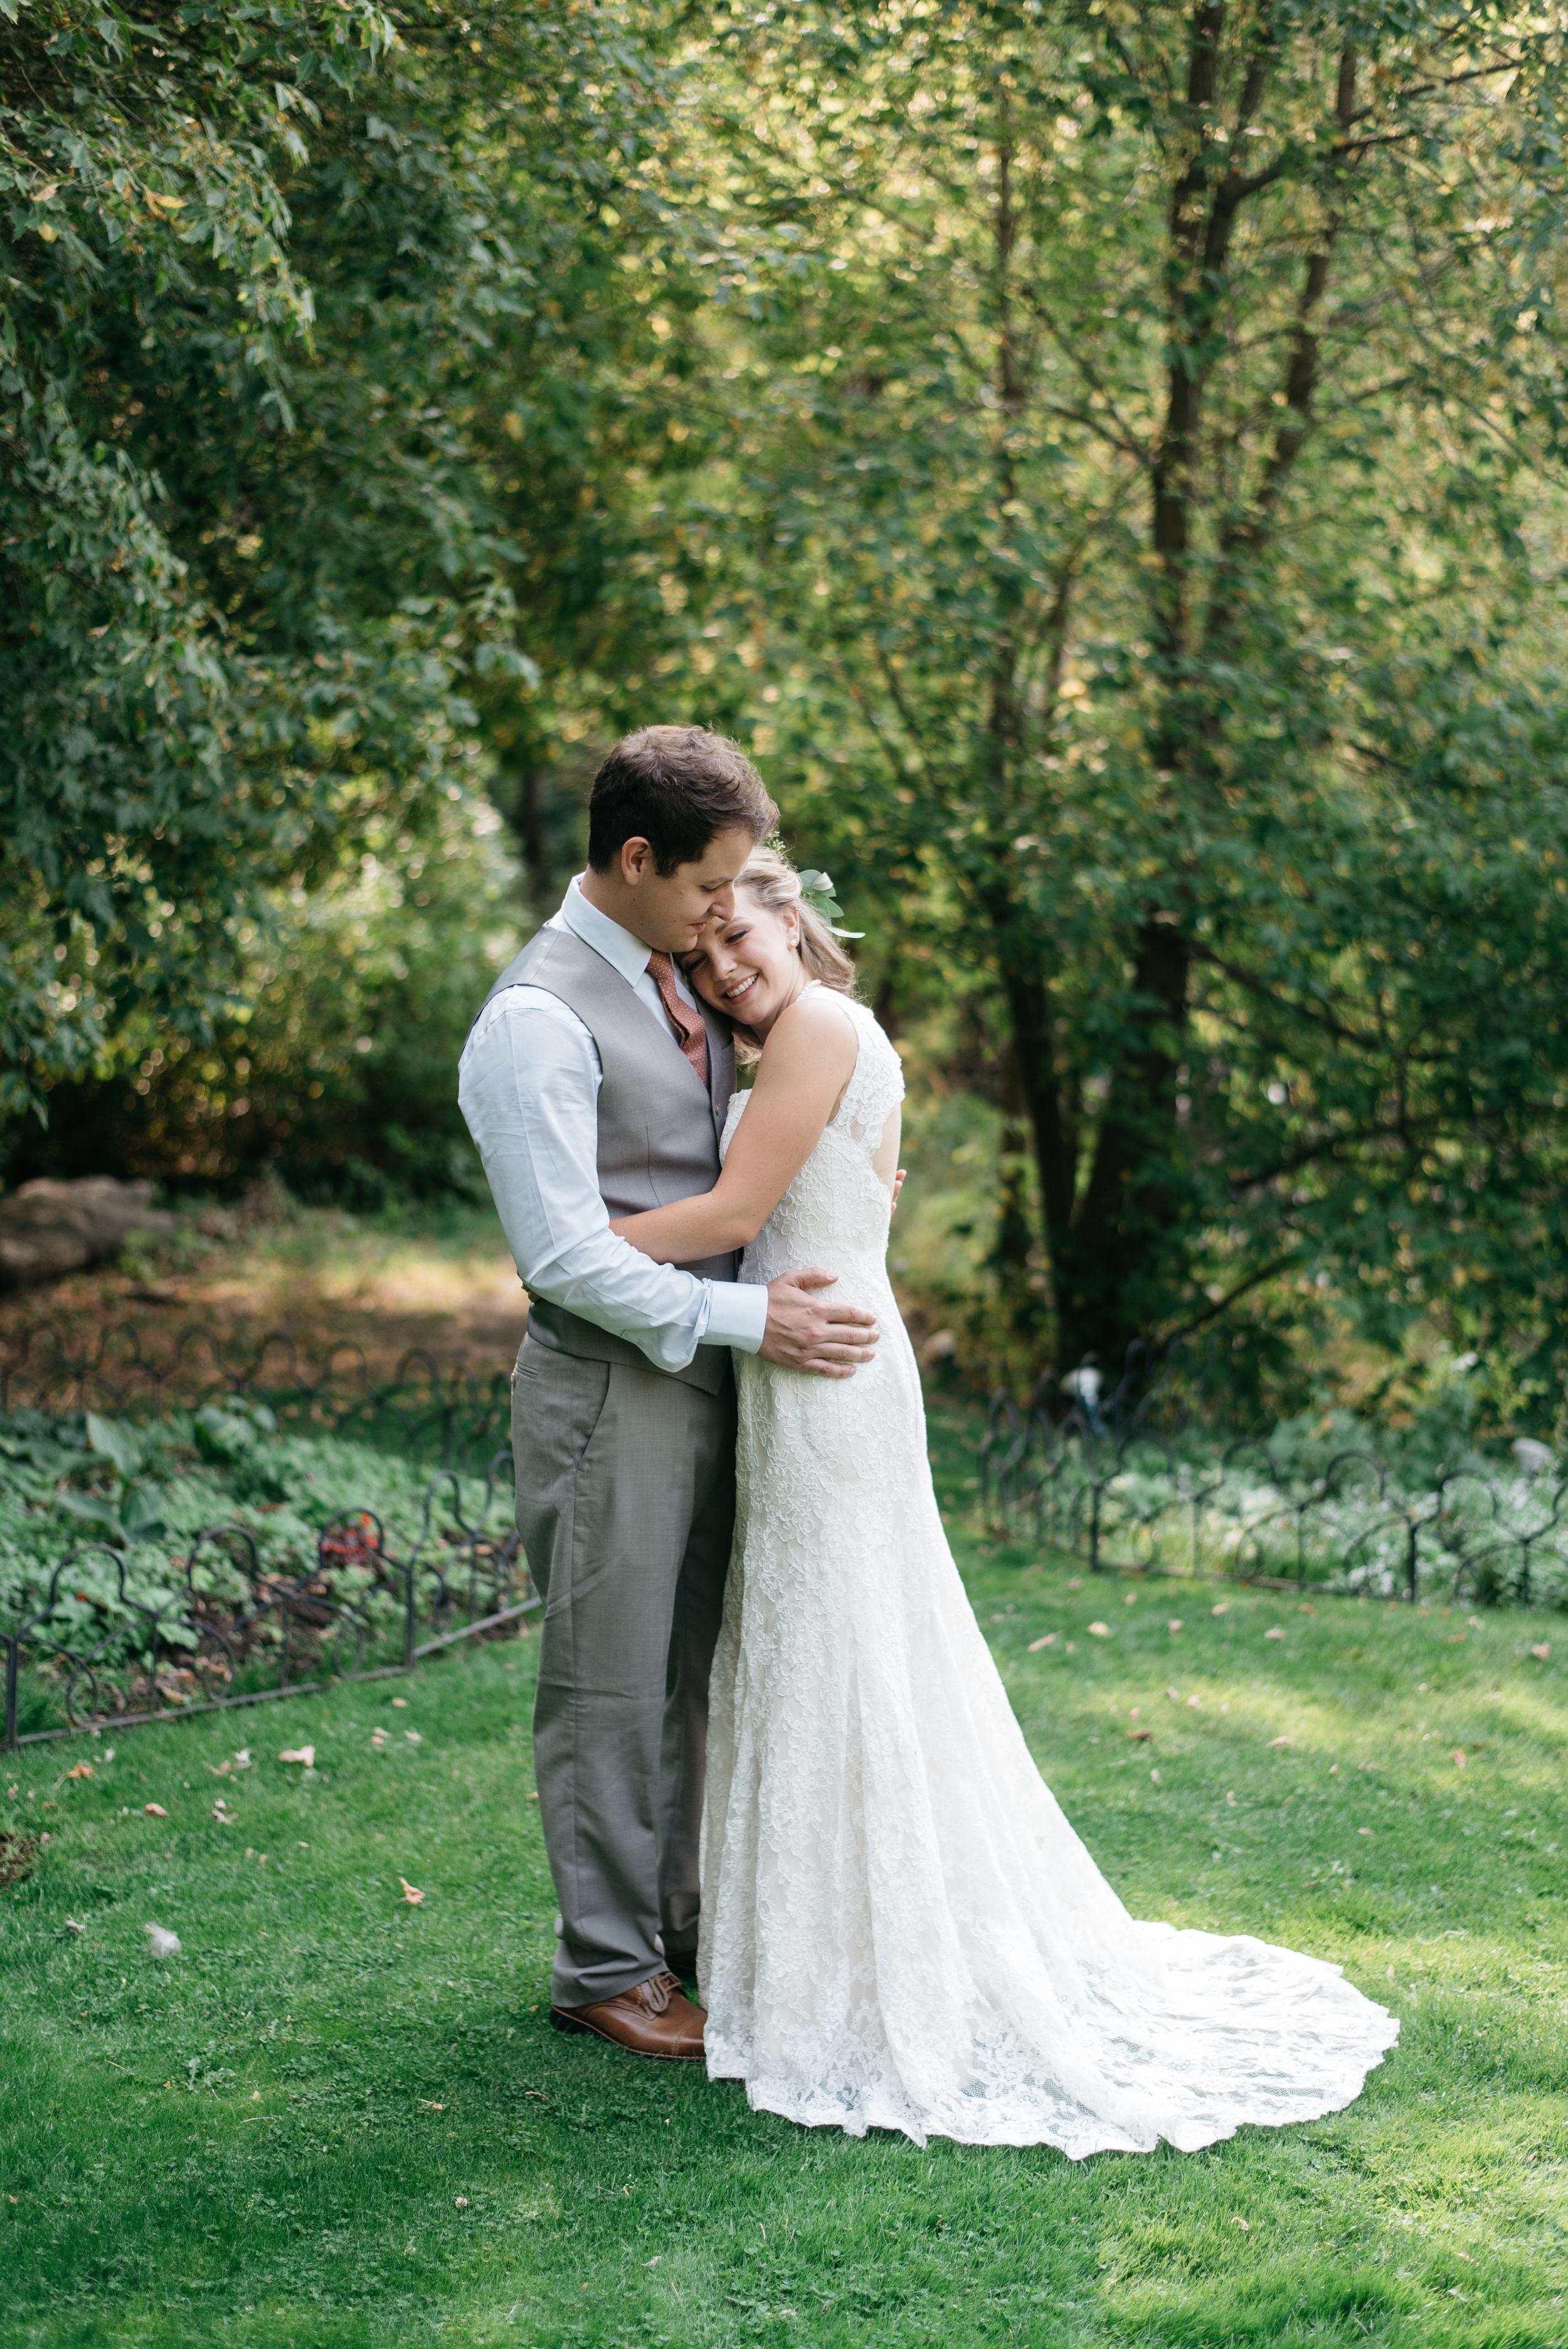 Liz&Mike Bridals-11.jpg